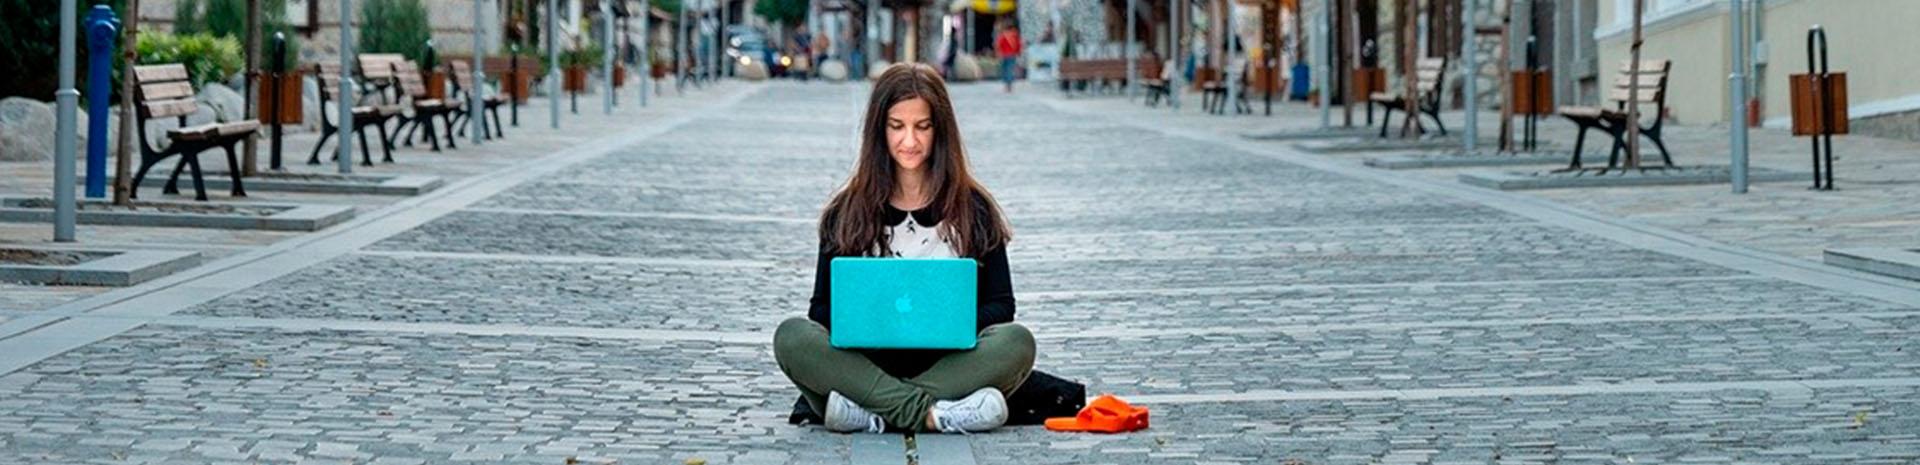 5 herramientas para el trabajador nómada digital